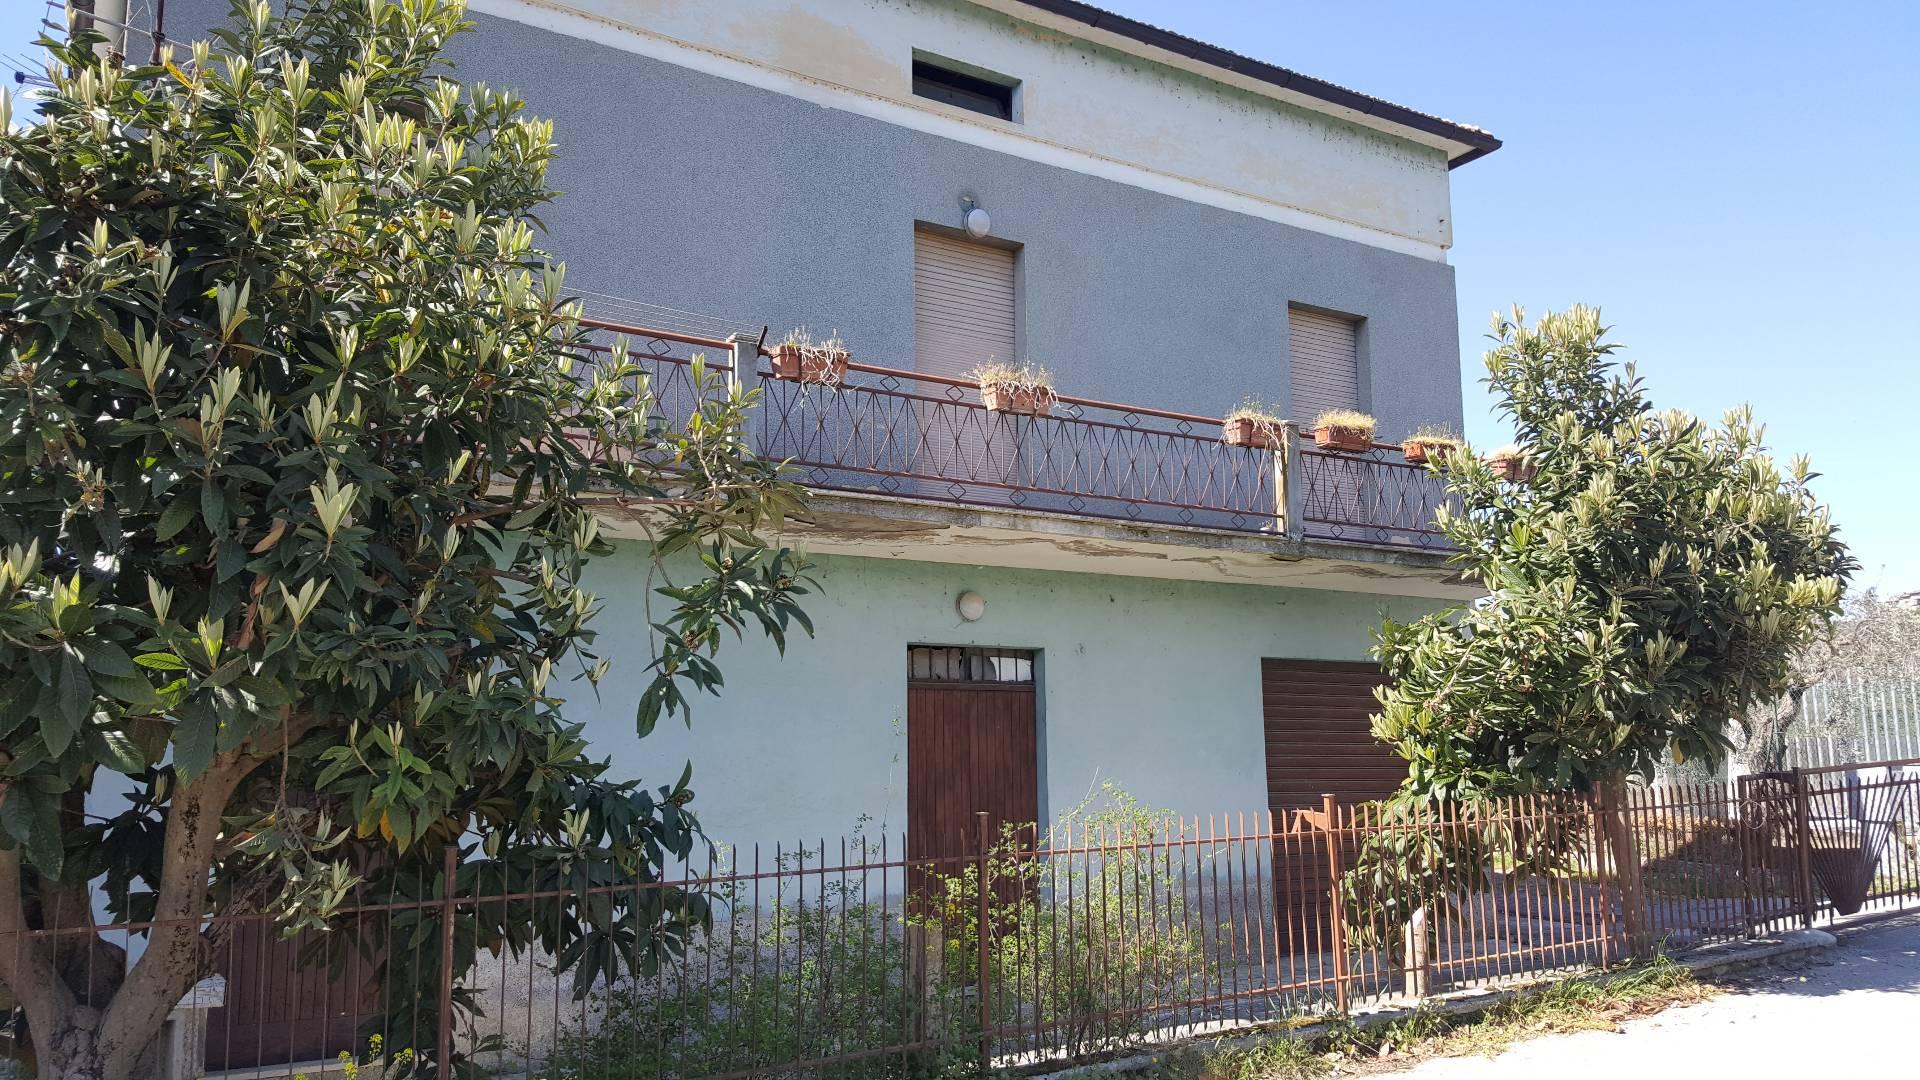 Appartamento in vendita a Ascoli Piceno, 6 locali, zona Località: ValleFiorana, prezzo € 100.000 | Cambio Casa.it